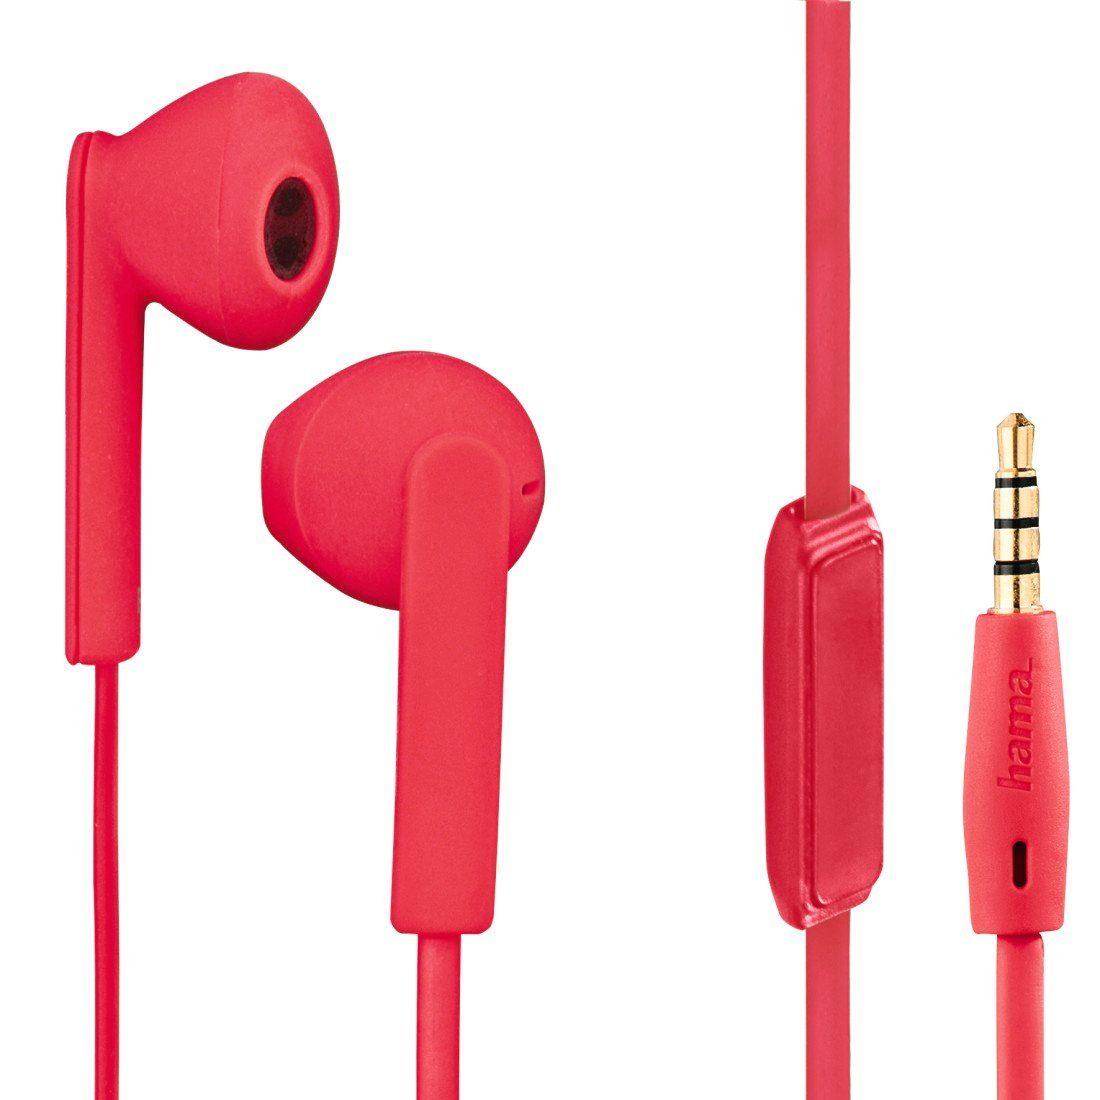 Hama Stereo-Ohrhörer Joy +, Rot